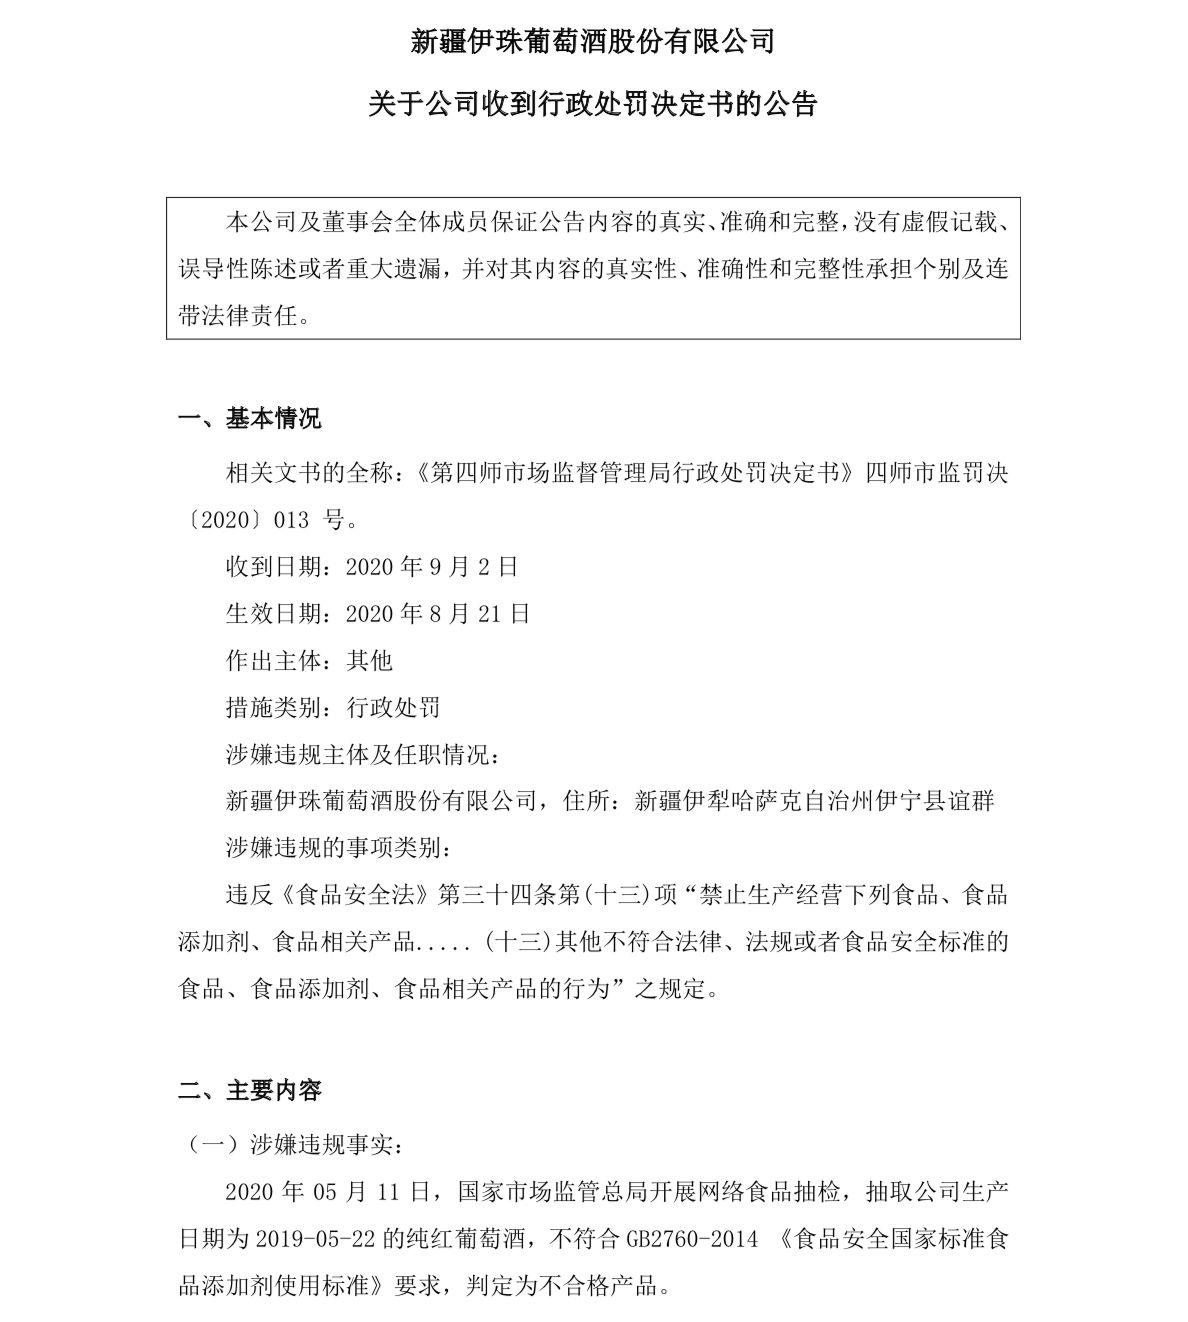 伊珠股份:因产品不合格收到行政处罚决定书,被罚10万元